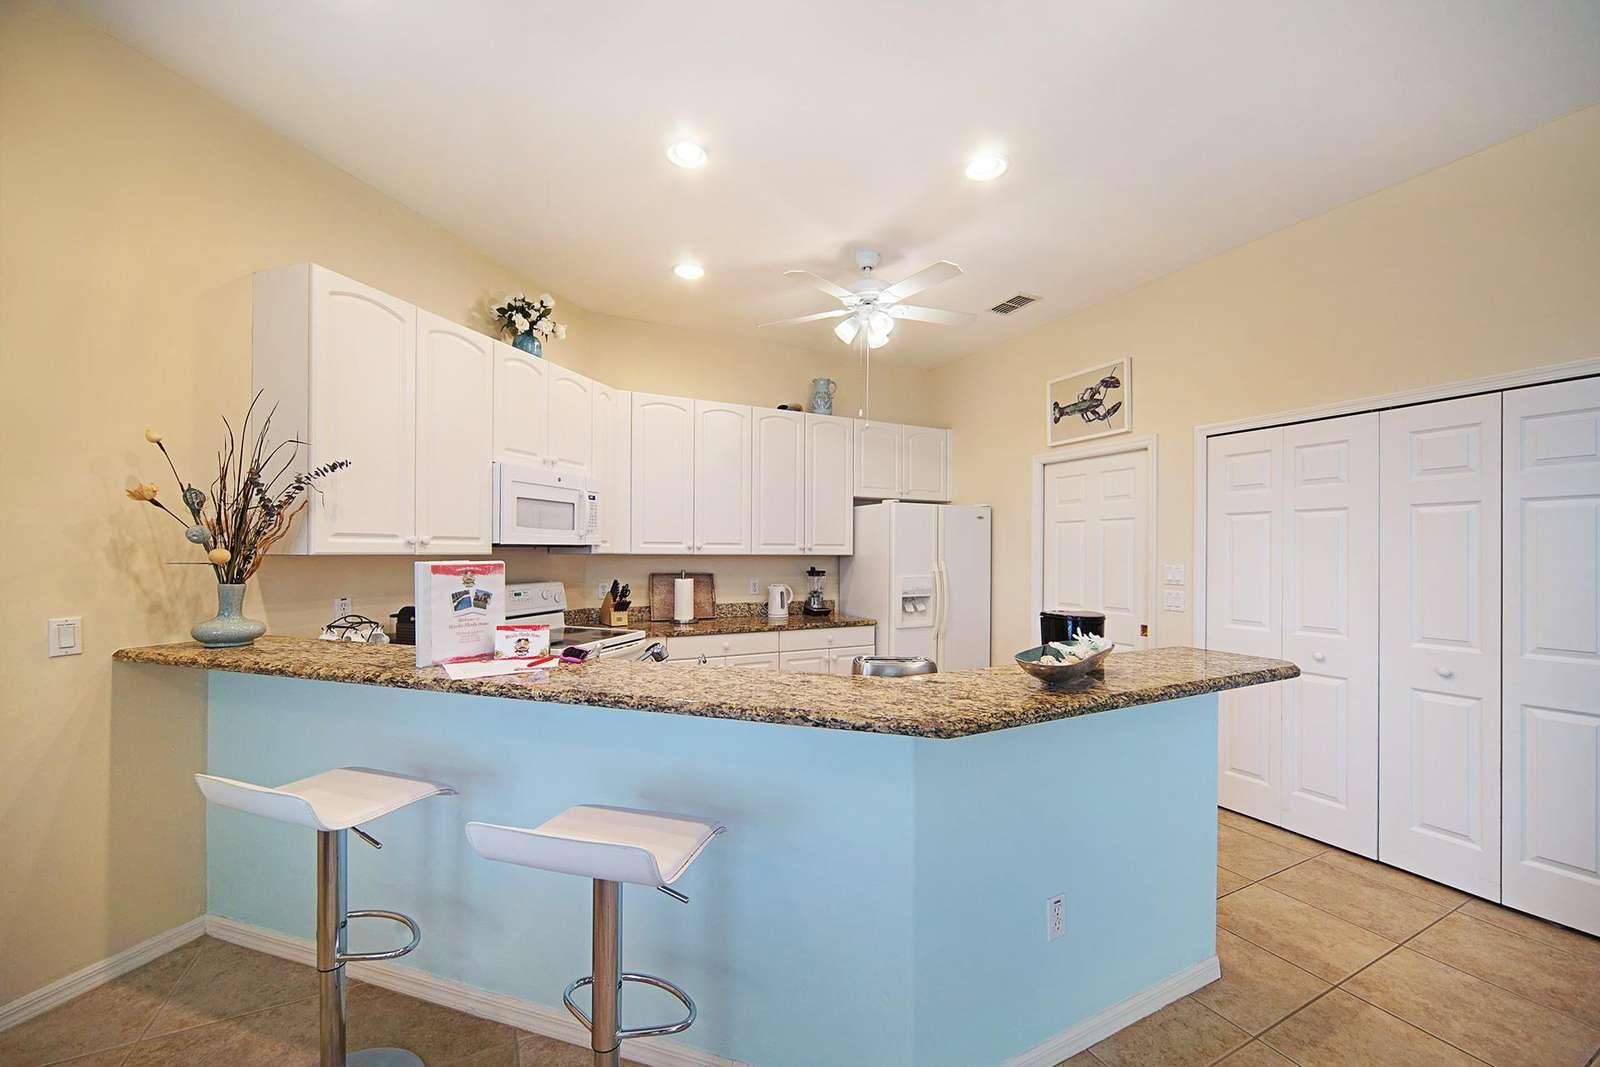 Wischis Florida Home - Ferienvilla in Cape Coral - Hausverwaltung - Immobilien